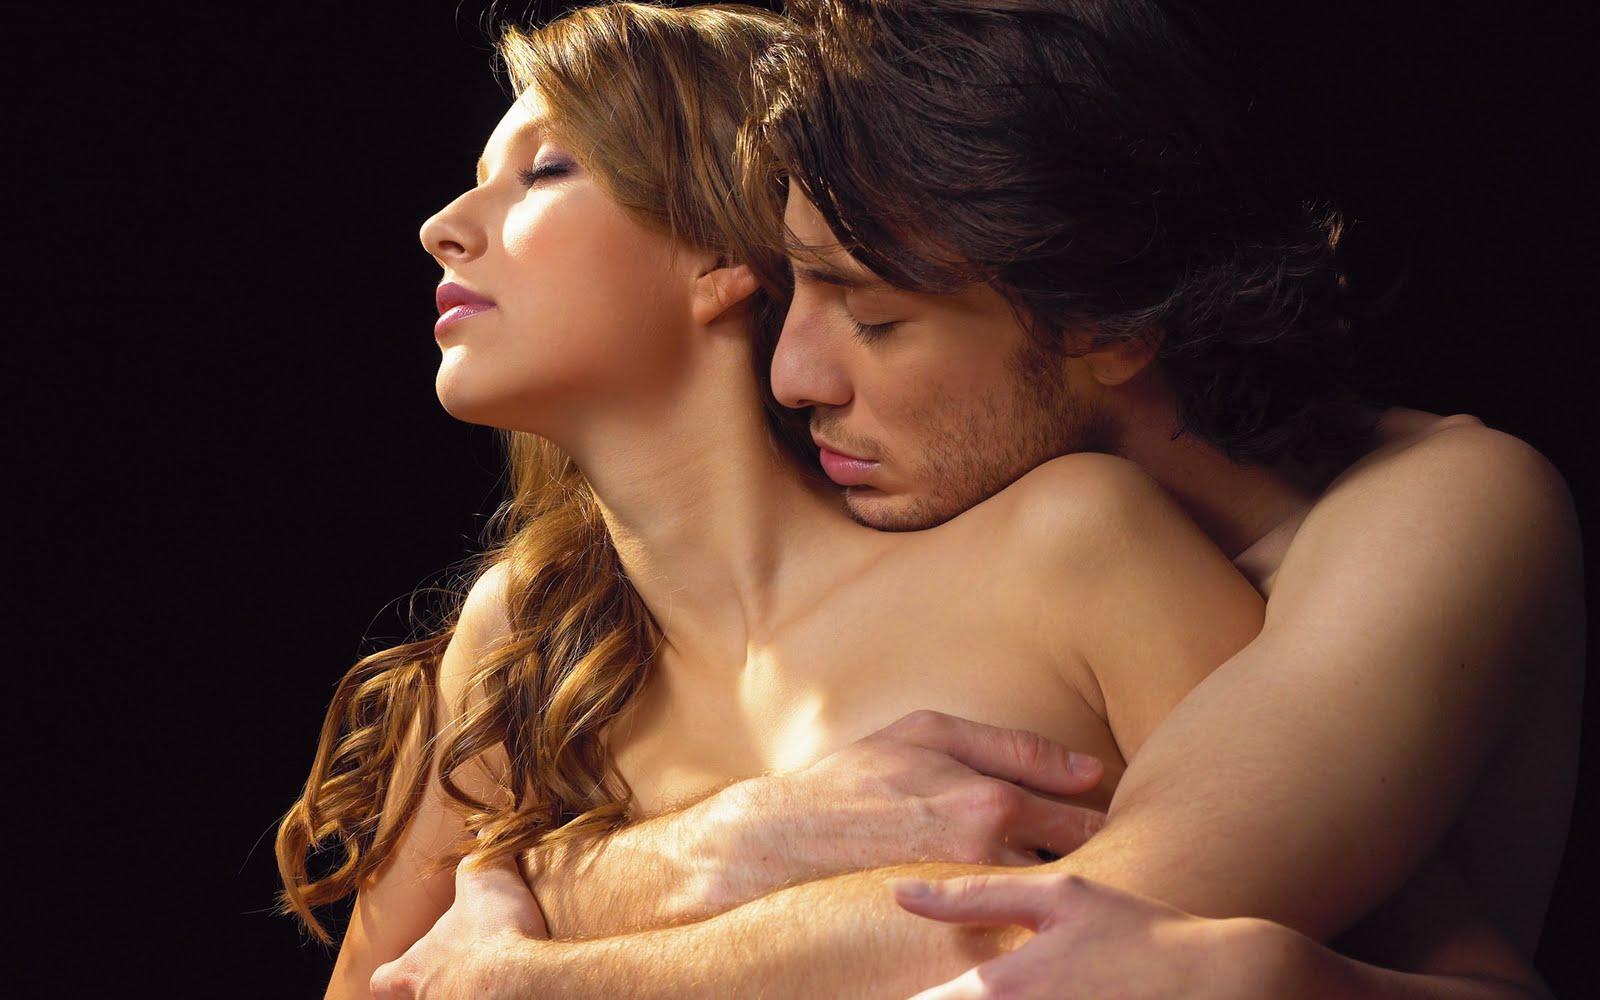 Kissing. Free porn @ HD Porno Chief